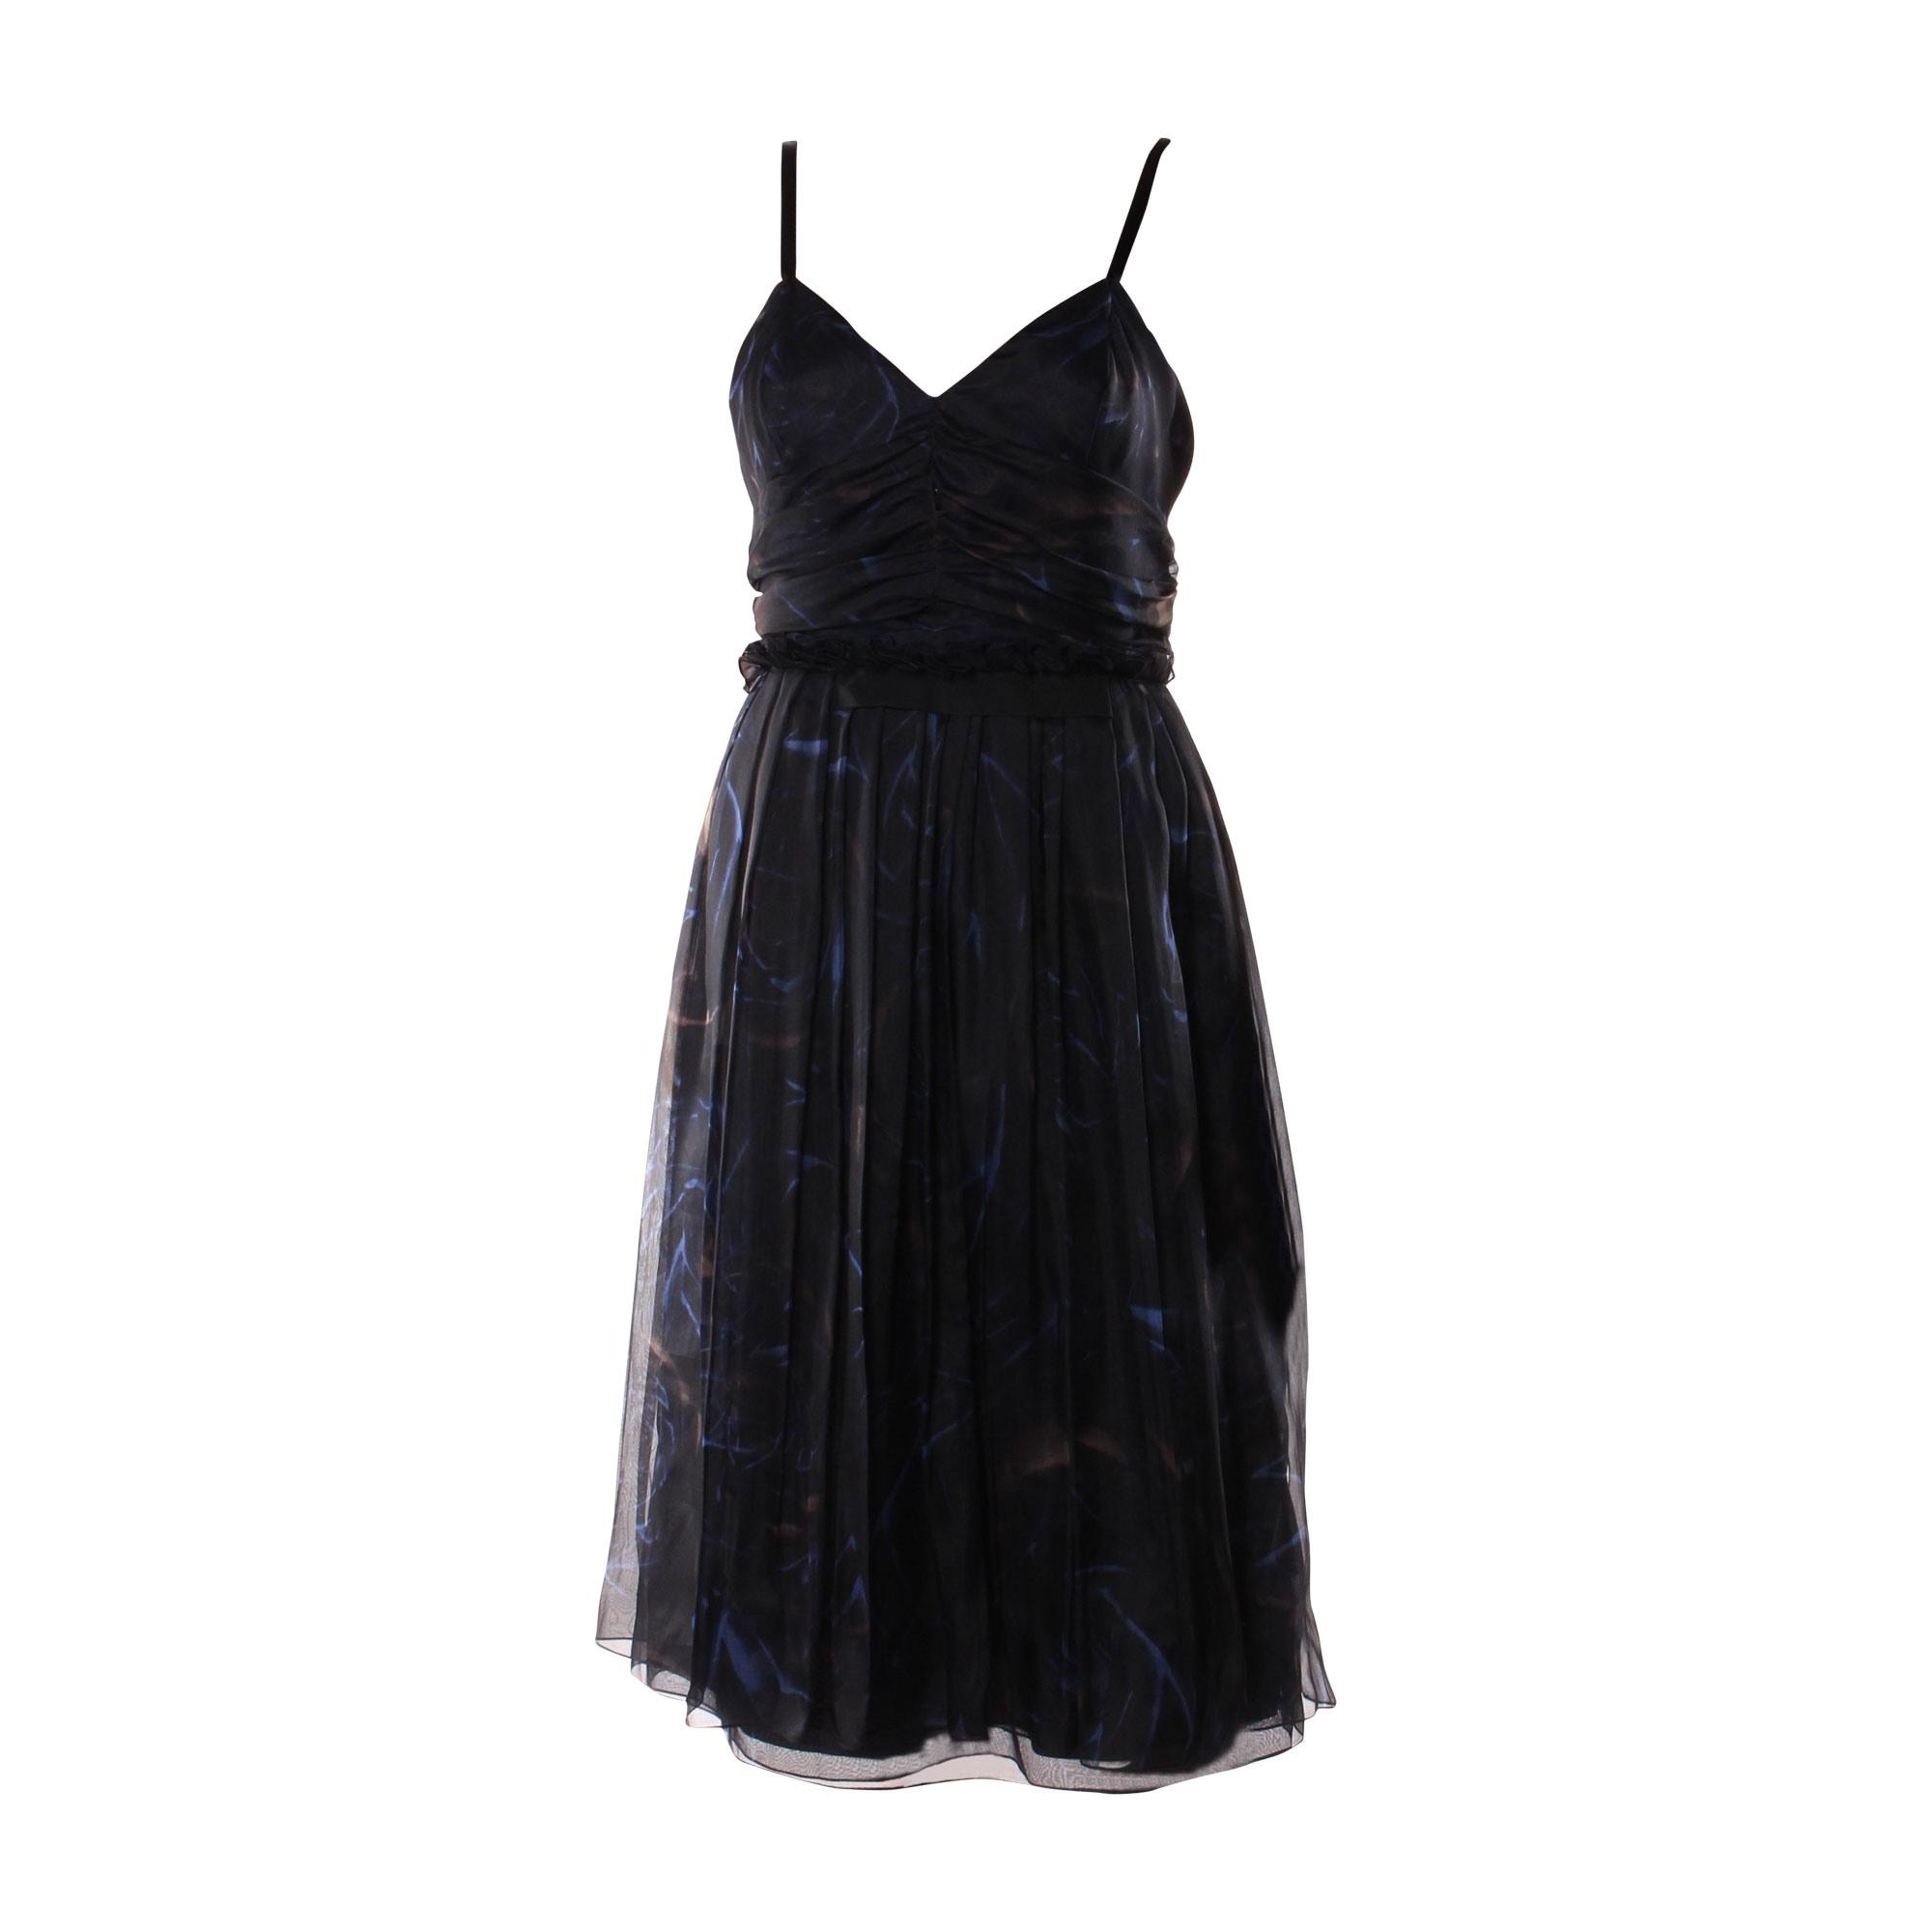 Abend Luxurius Kleid Schwarz Midi Boutique20 Schön Kleid Schwarz Midi Stylish